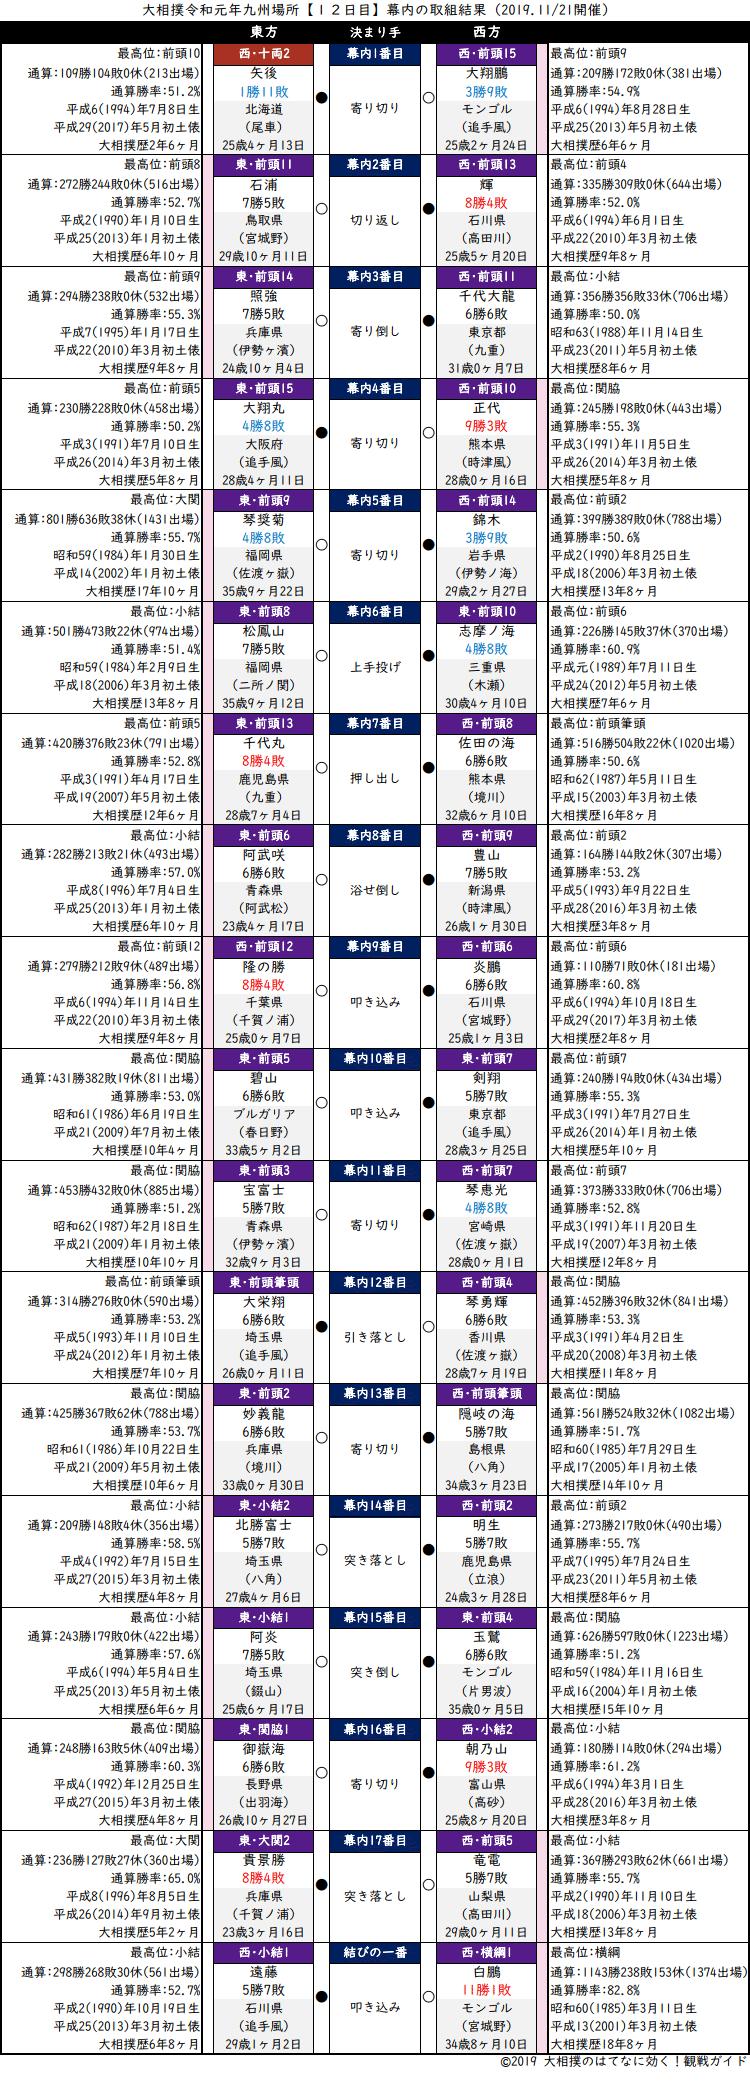 大相撲・2019年11月場所12日目・幕内の取組結果